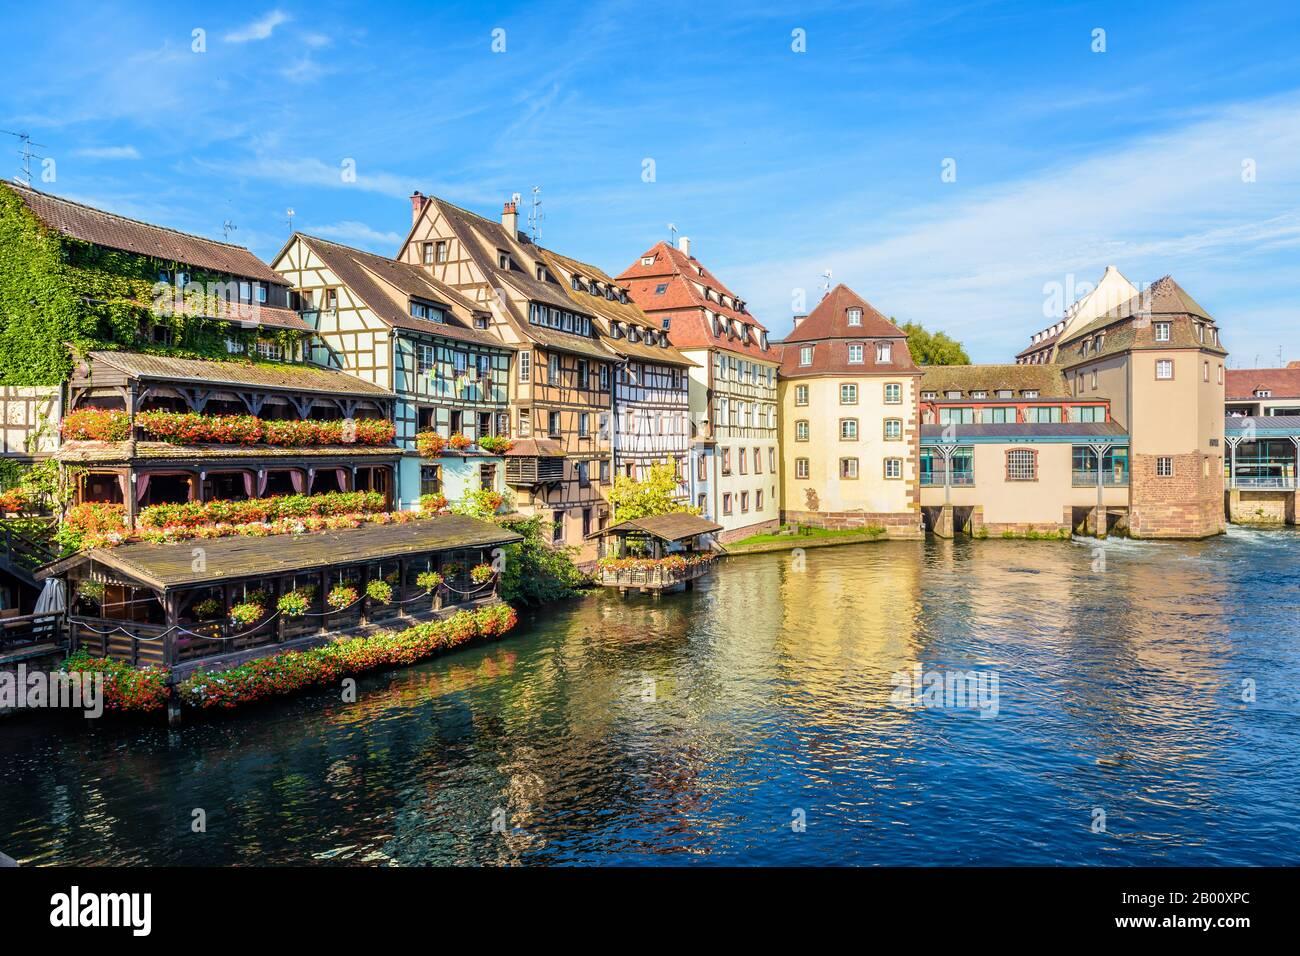 Bâtiments à colombages et anciens moulins à eau bordant la rivière Malade dans le quartier de la petite France à Strasbourg, en France, un matin ensoleillé. Banque D'Images